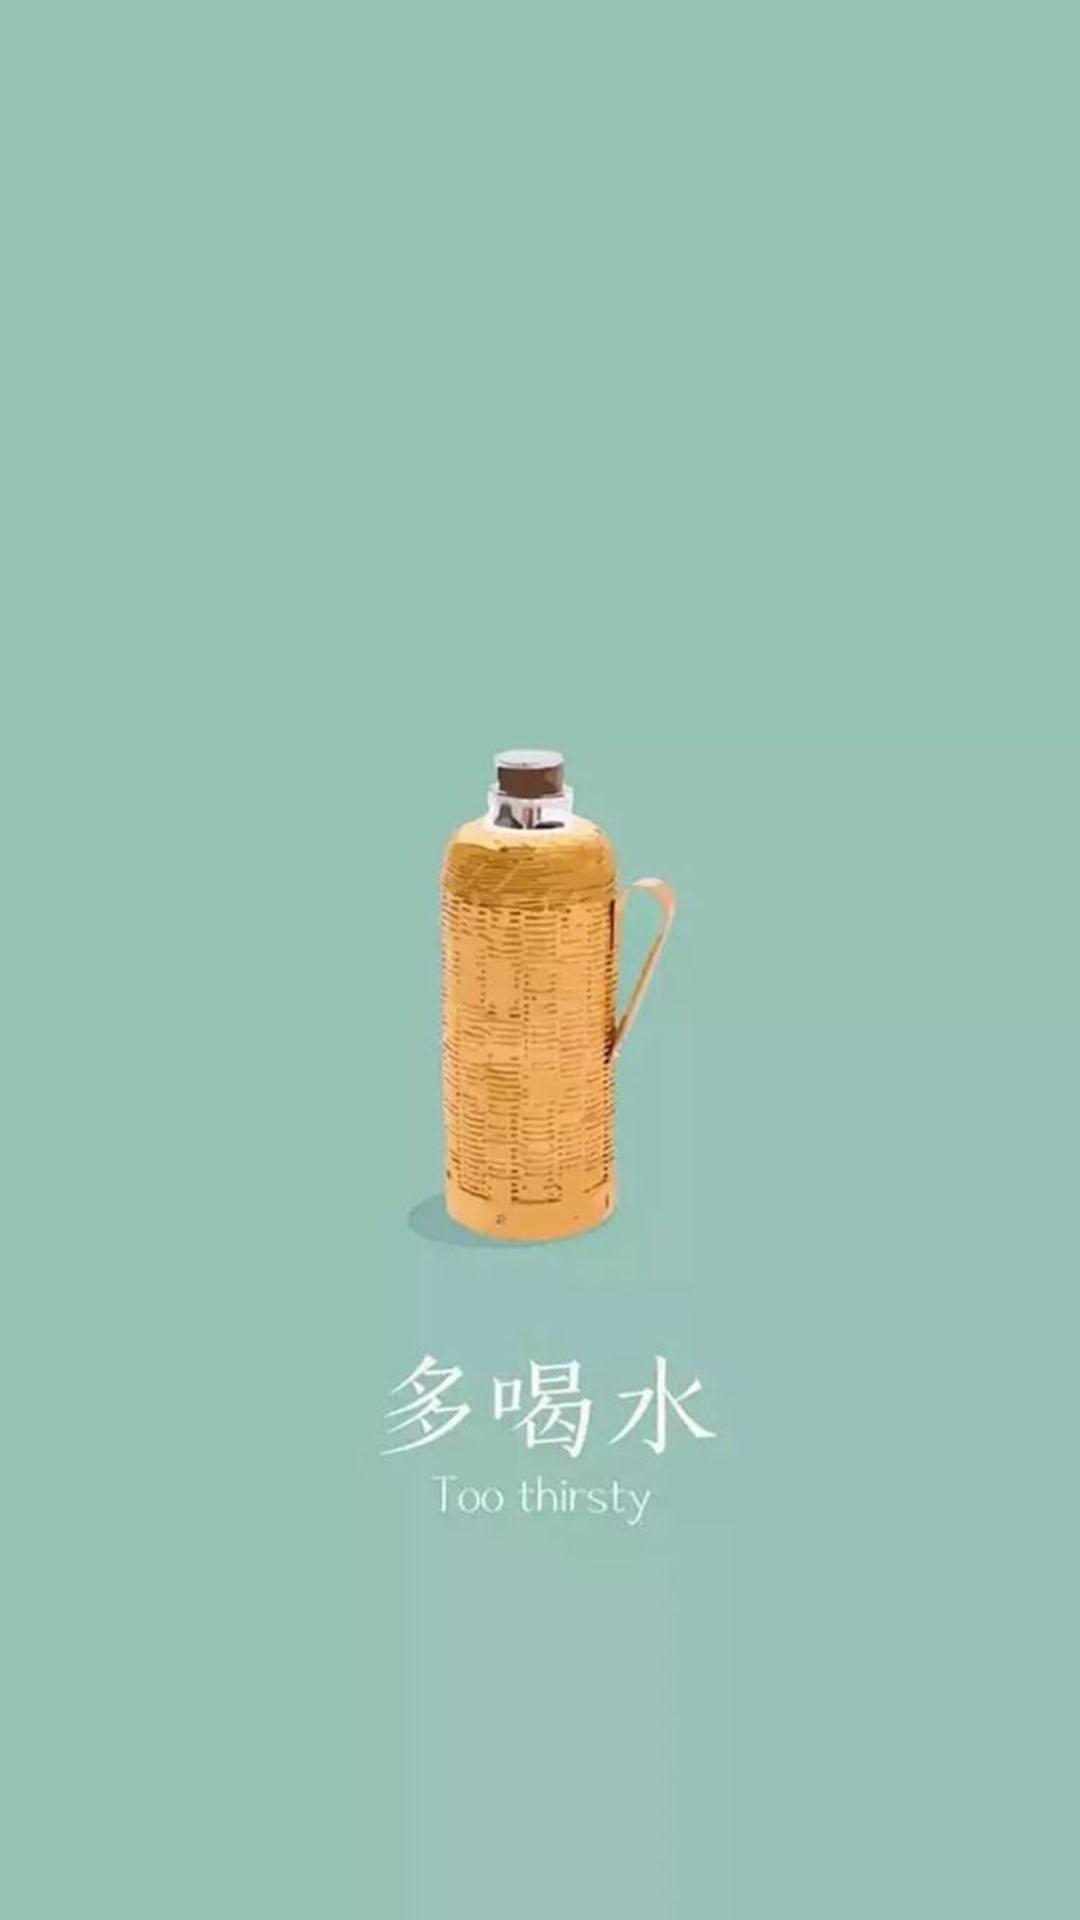 手绘热水壶 多喝水 苹果手机高清壁纸 1080x1920_爱思